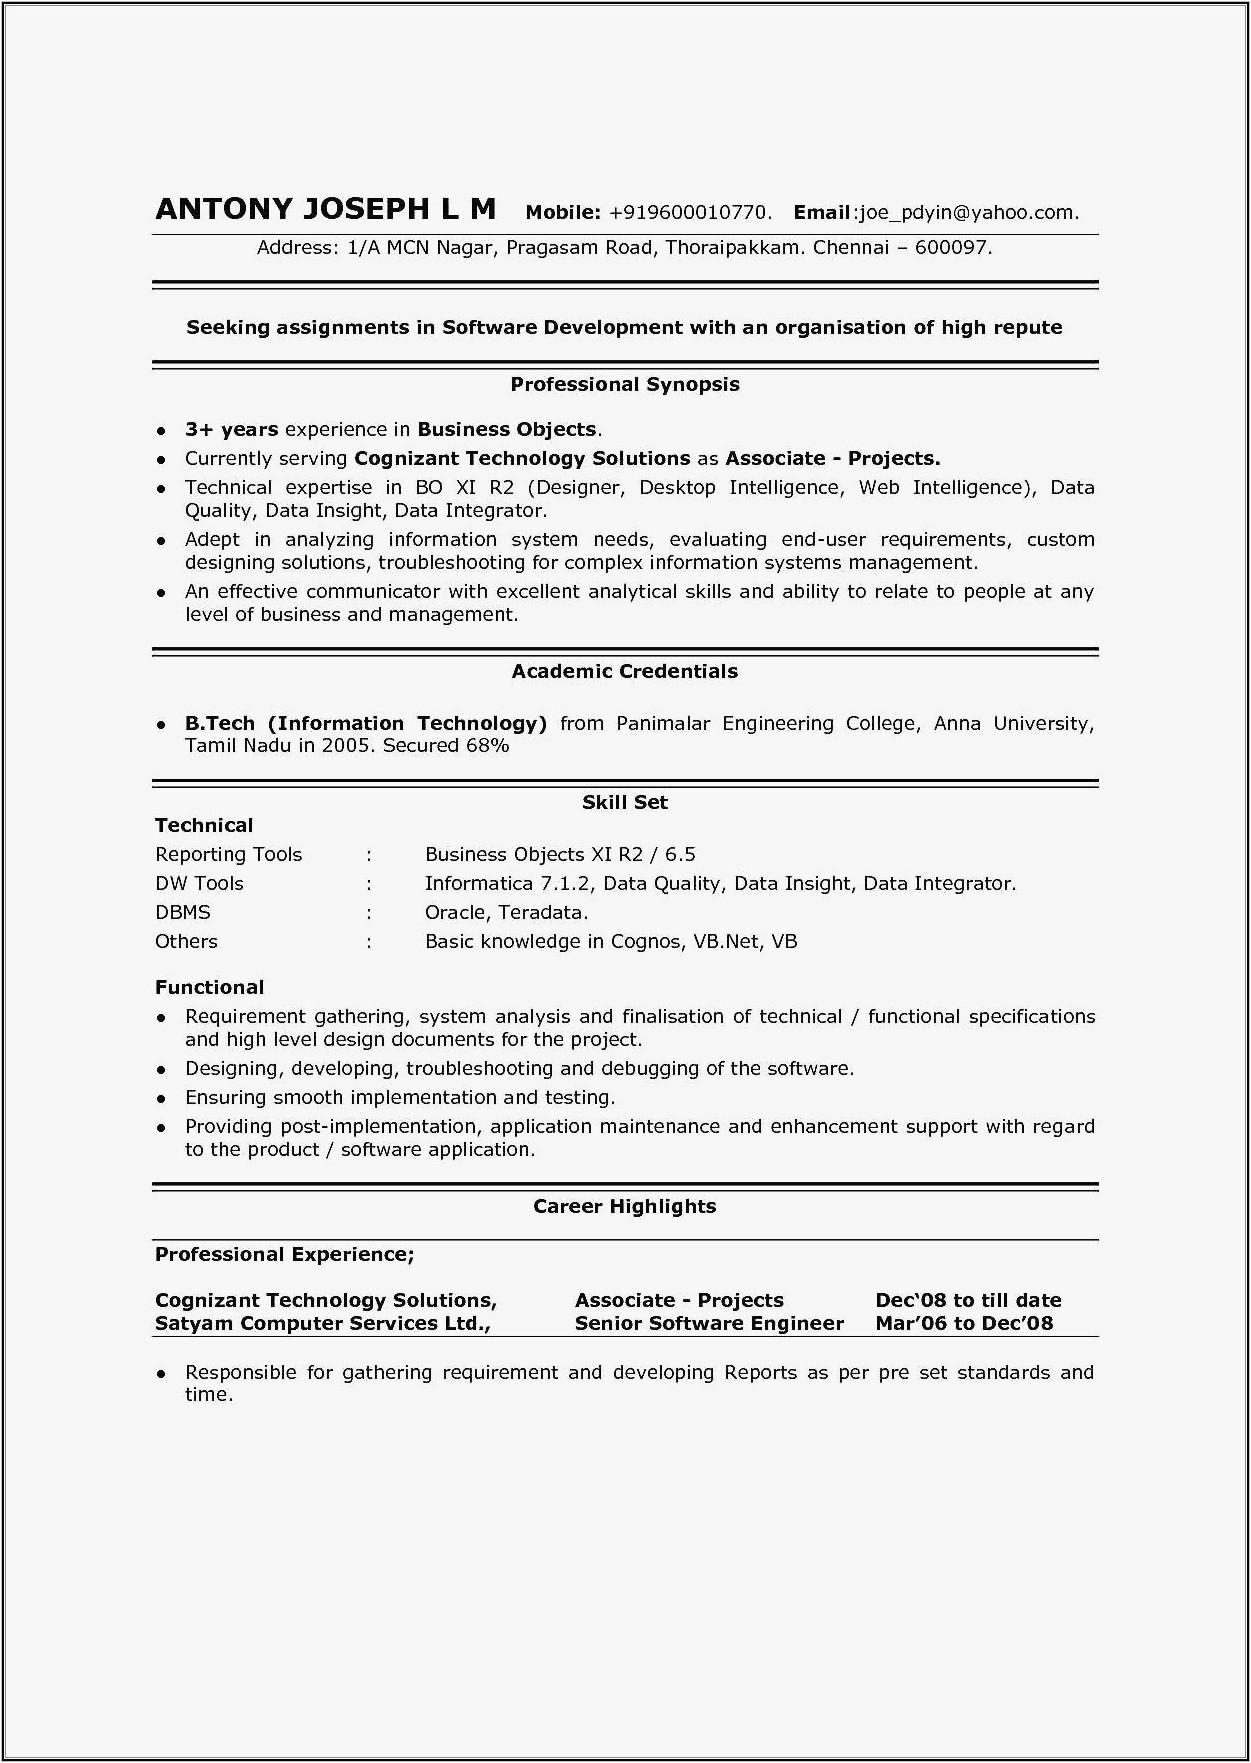 Sample Resume for Dot Net Programmer Fresher Sample Resume for Dot Net Developer Fresher